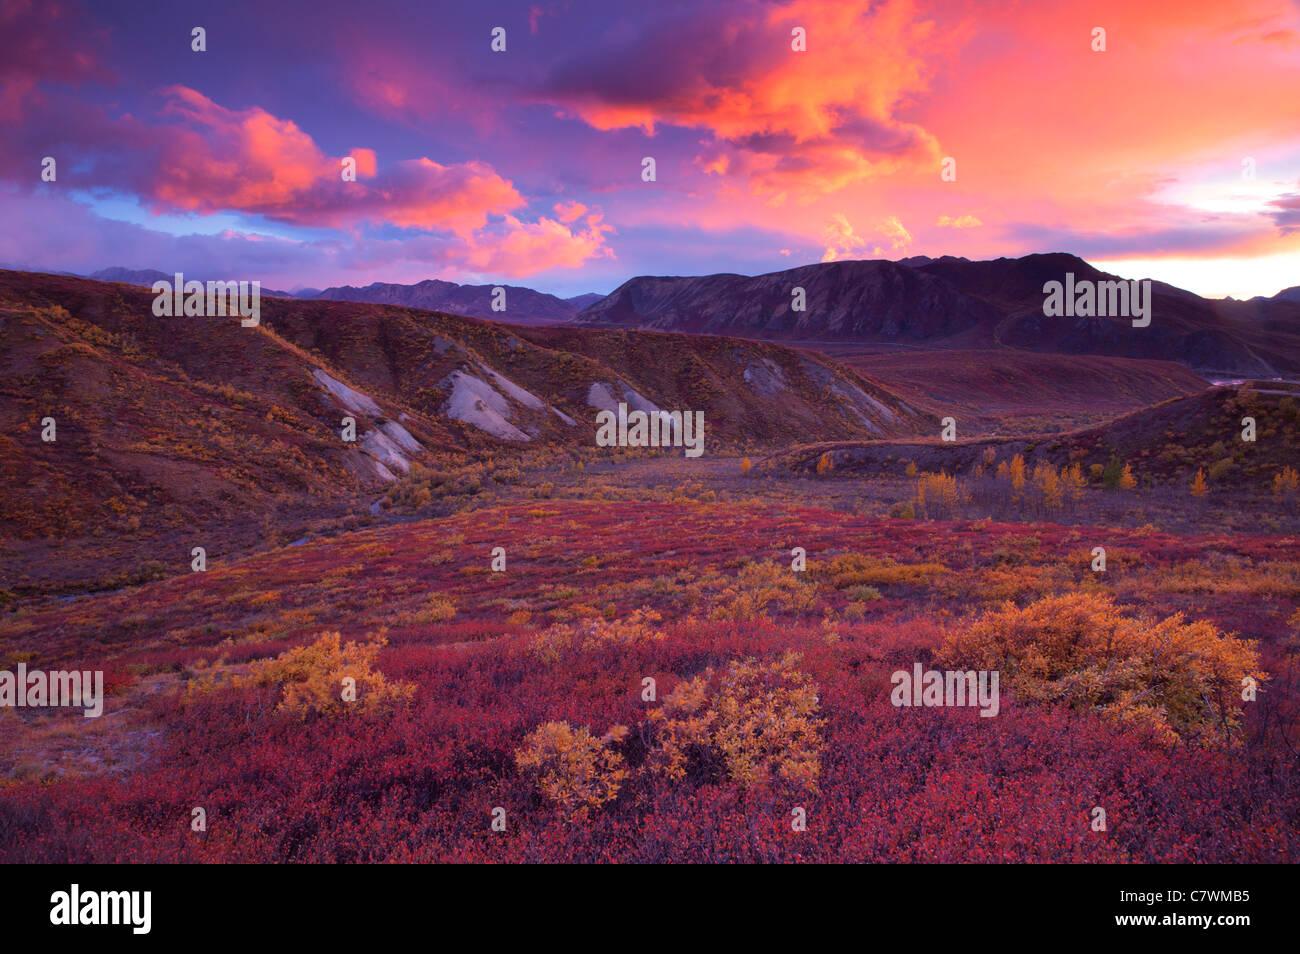 Sunset in Sable Pass, Denali National Park, Alaska. - Stock Image